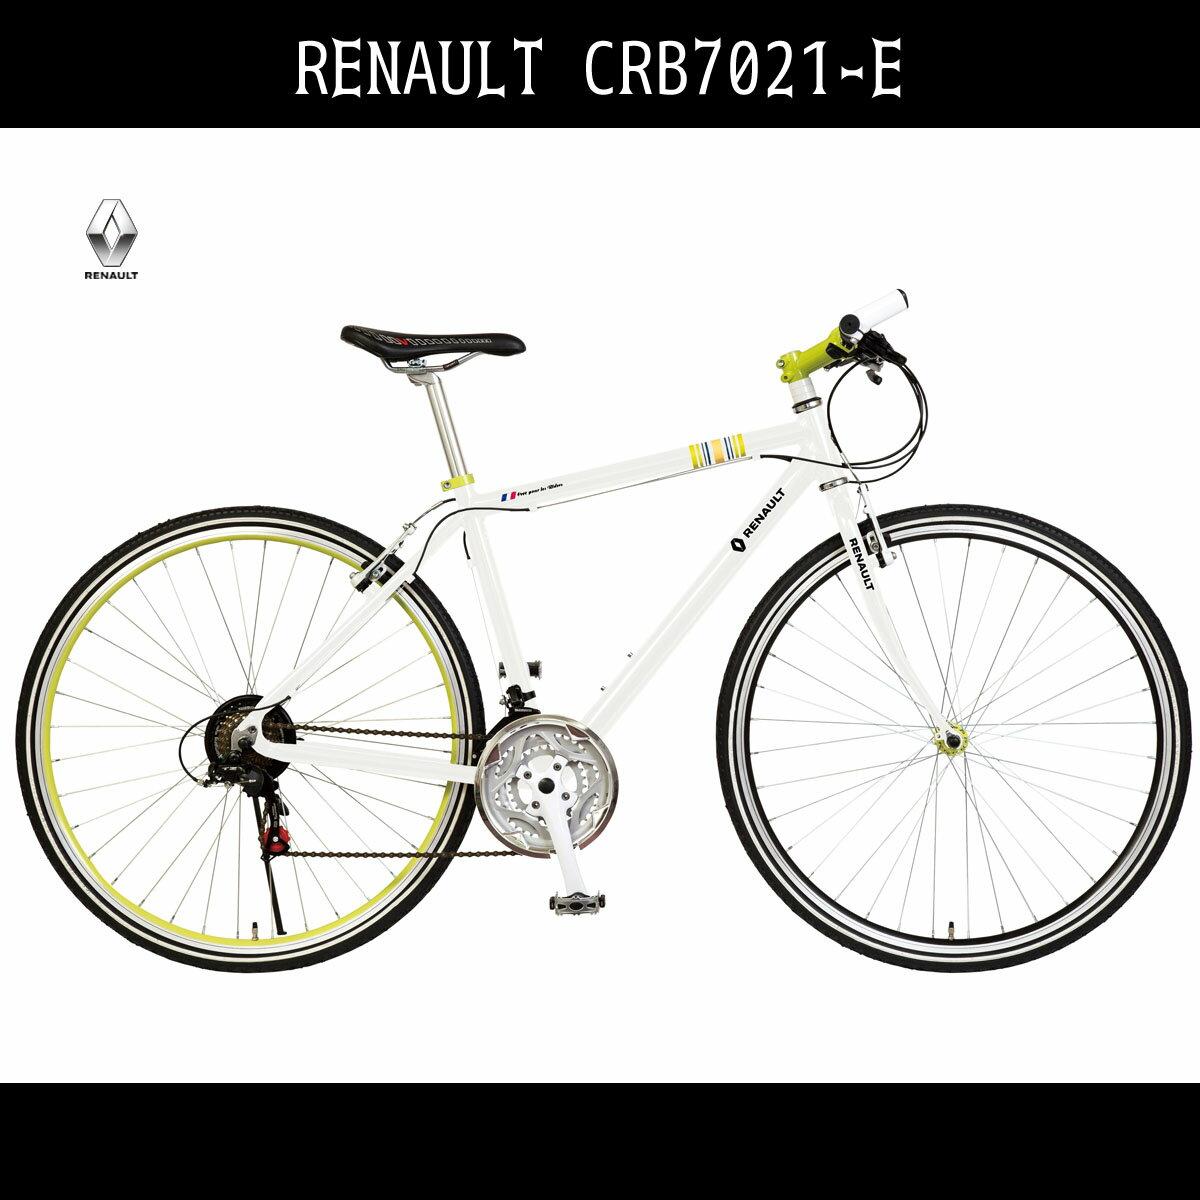 <関東限定特別価格>アルミニウム AL-CRB7021-E ルノー グリップバーエンド アルミ 外装21段変速ギア付き 軽量 クロスバイク 700c 白 ホワイト 自転車 RENAULT ルノー 自転車 クロスバイク 送料無料